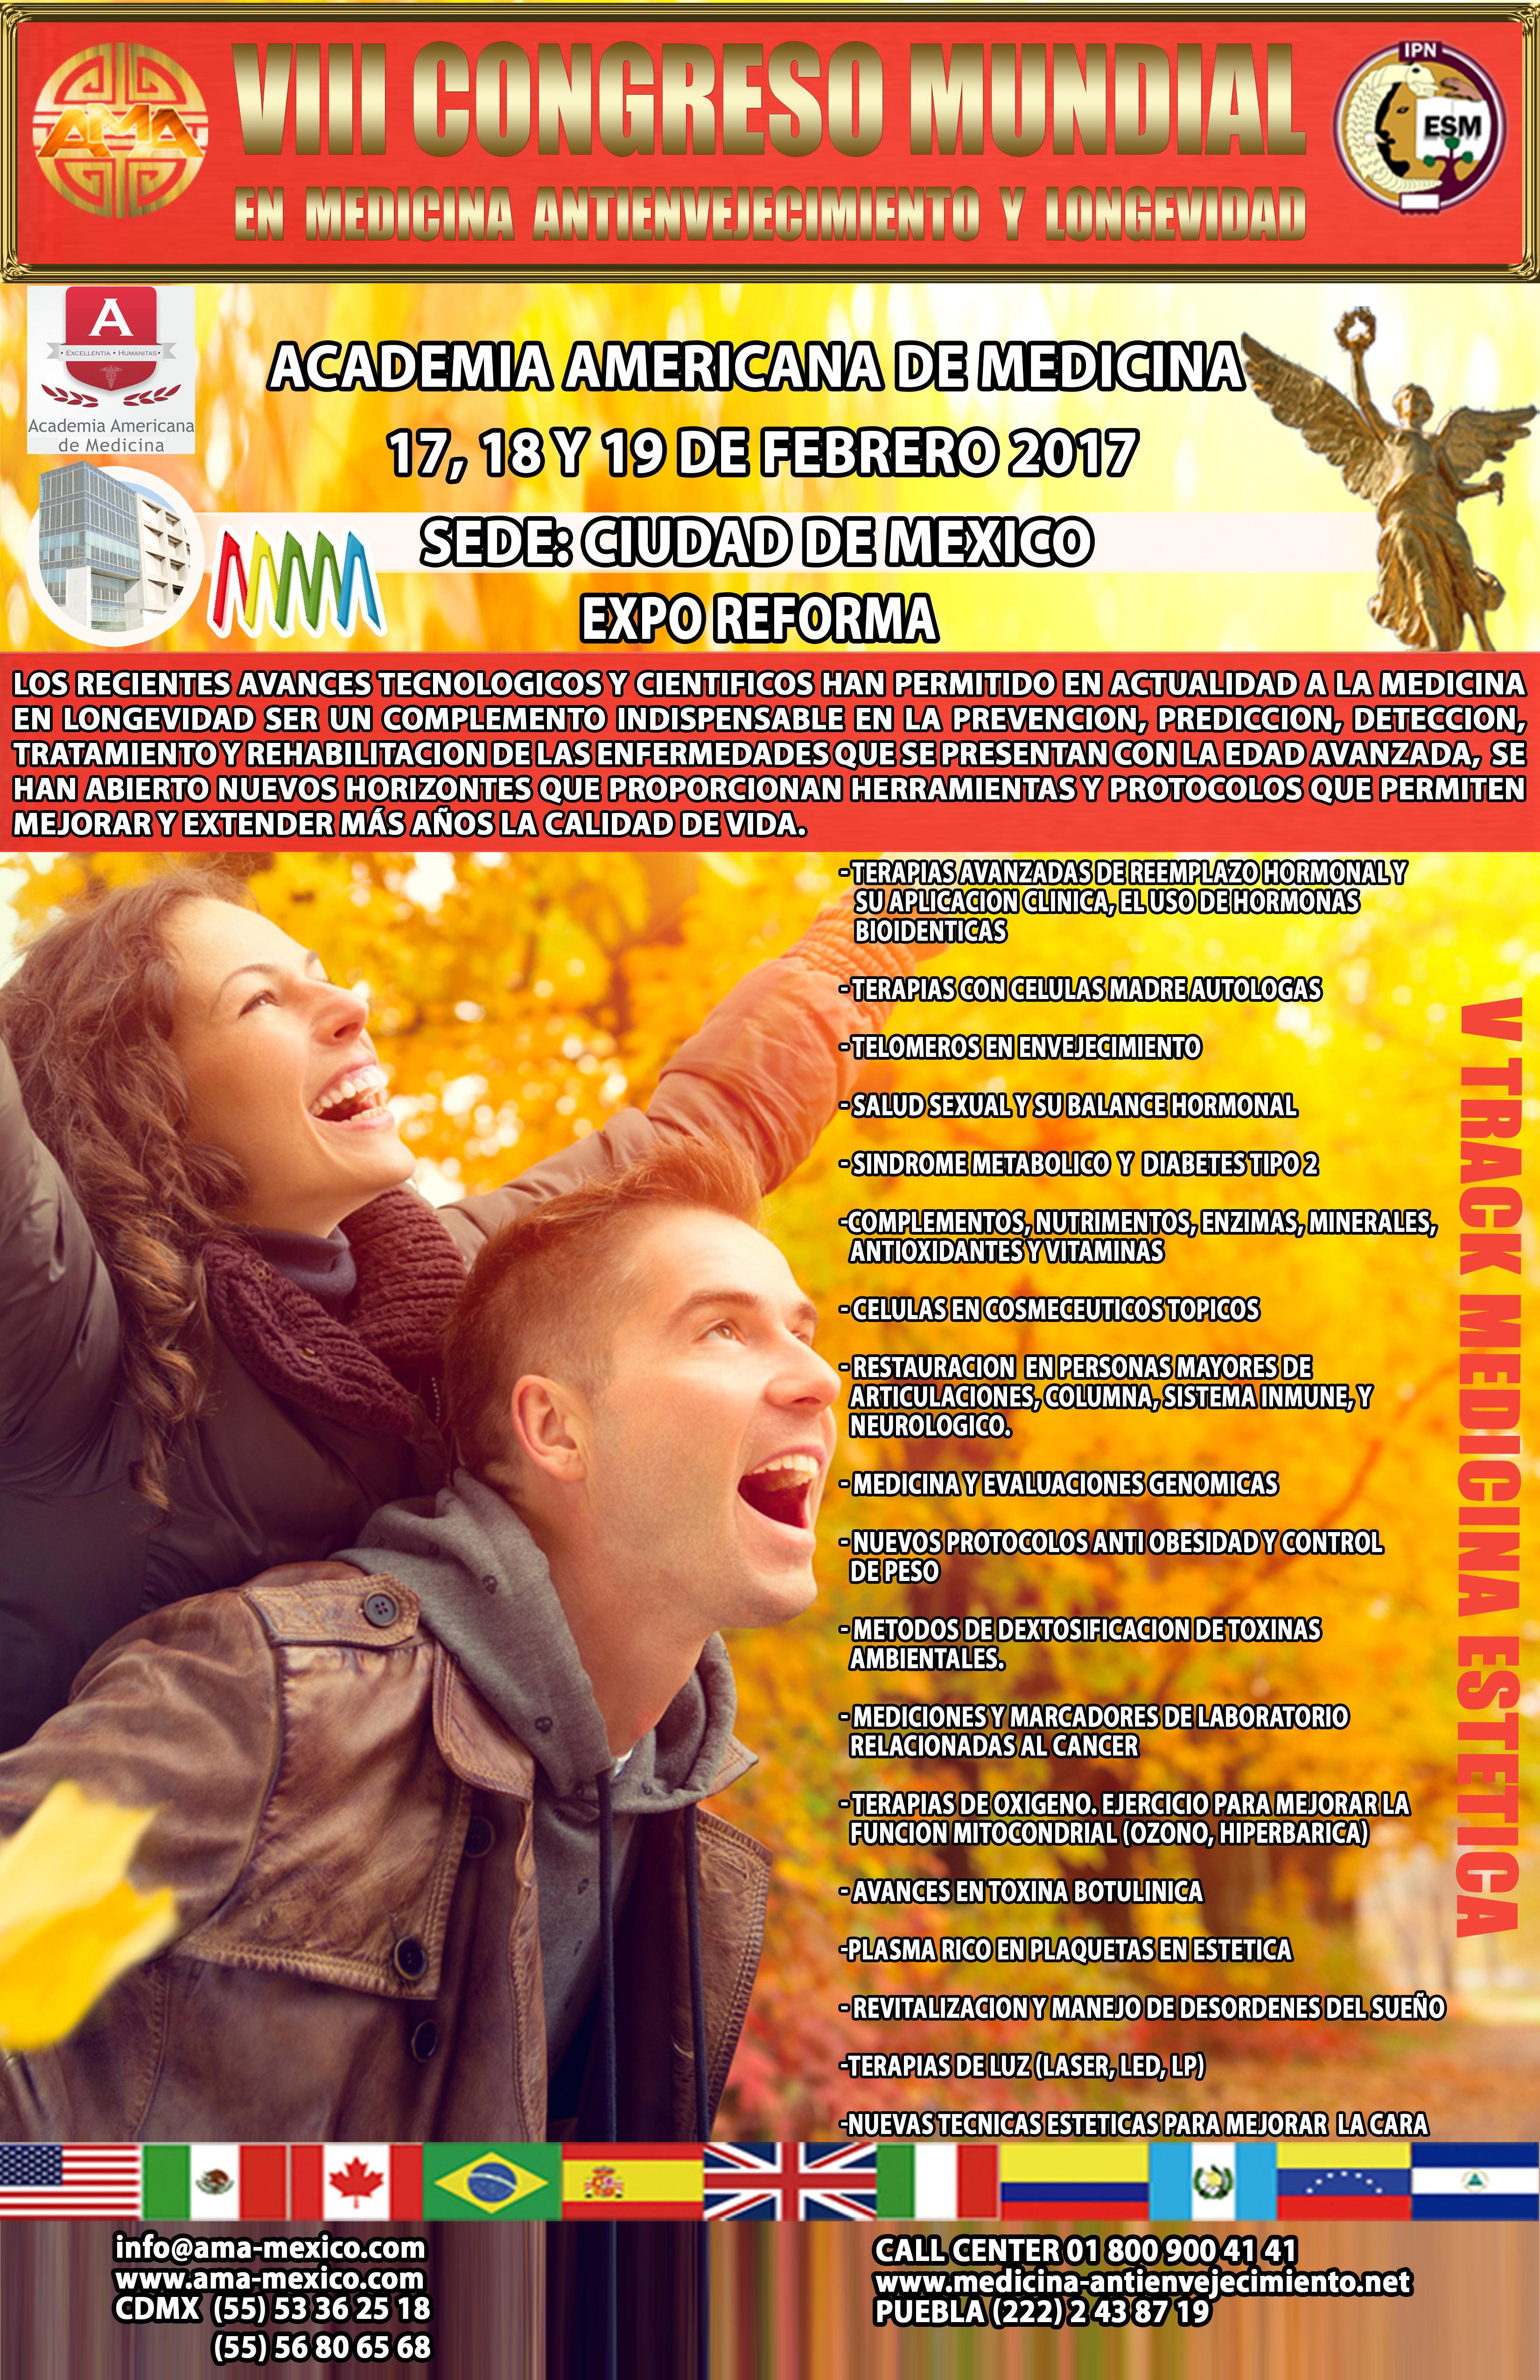 poster-congreso-2017-expo-cas